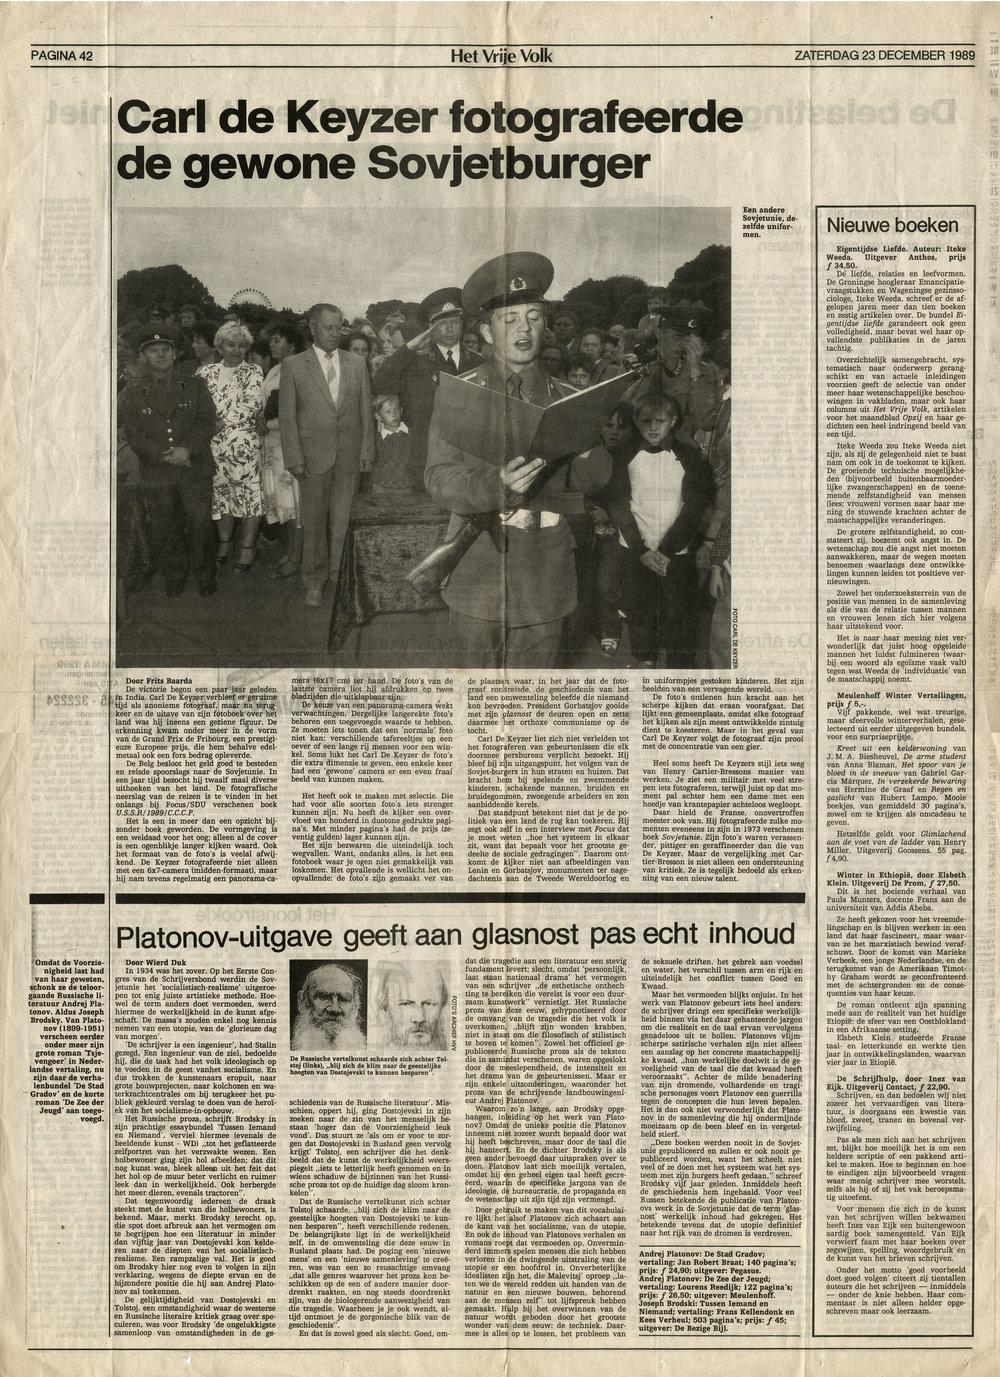 Het Vrije Volk (Homo Sovieticus)